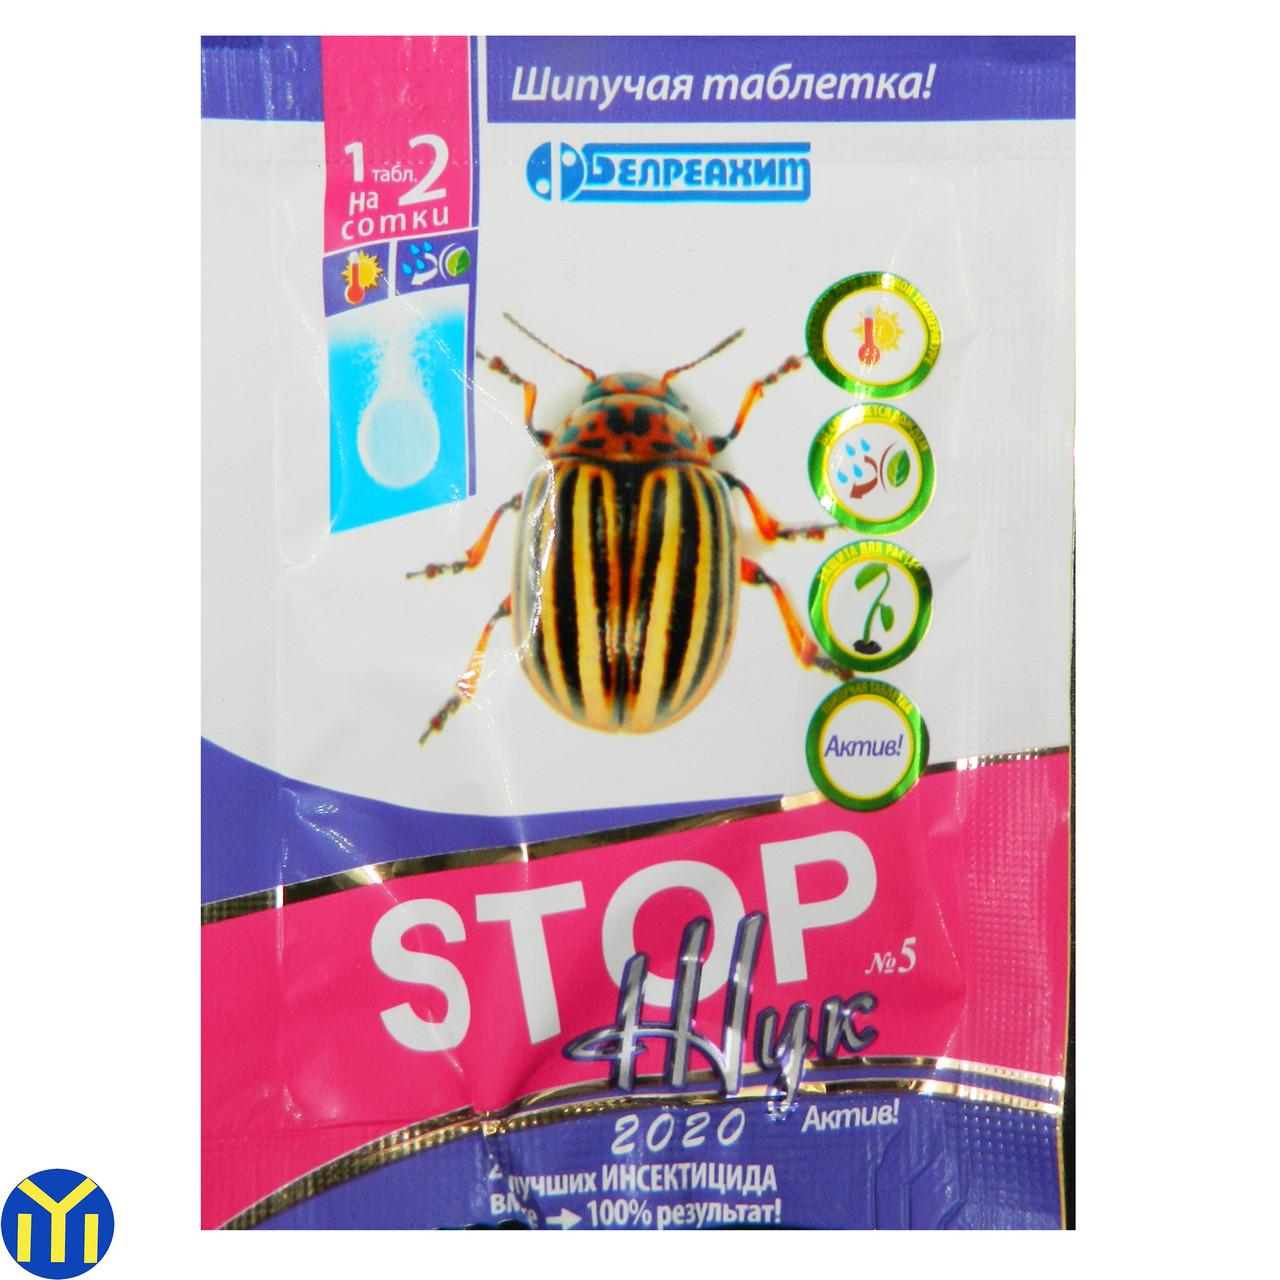 Инсектицид Стоп Жук таблетка, Белреахим, 1 таблетка на 2 сотки